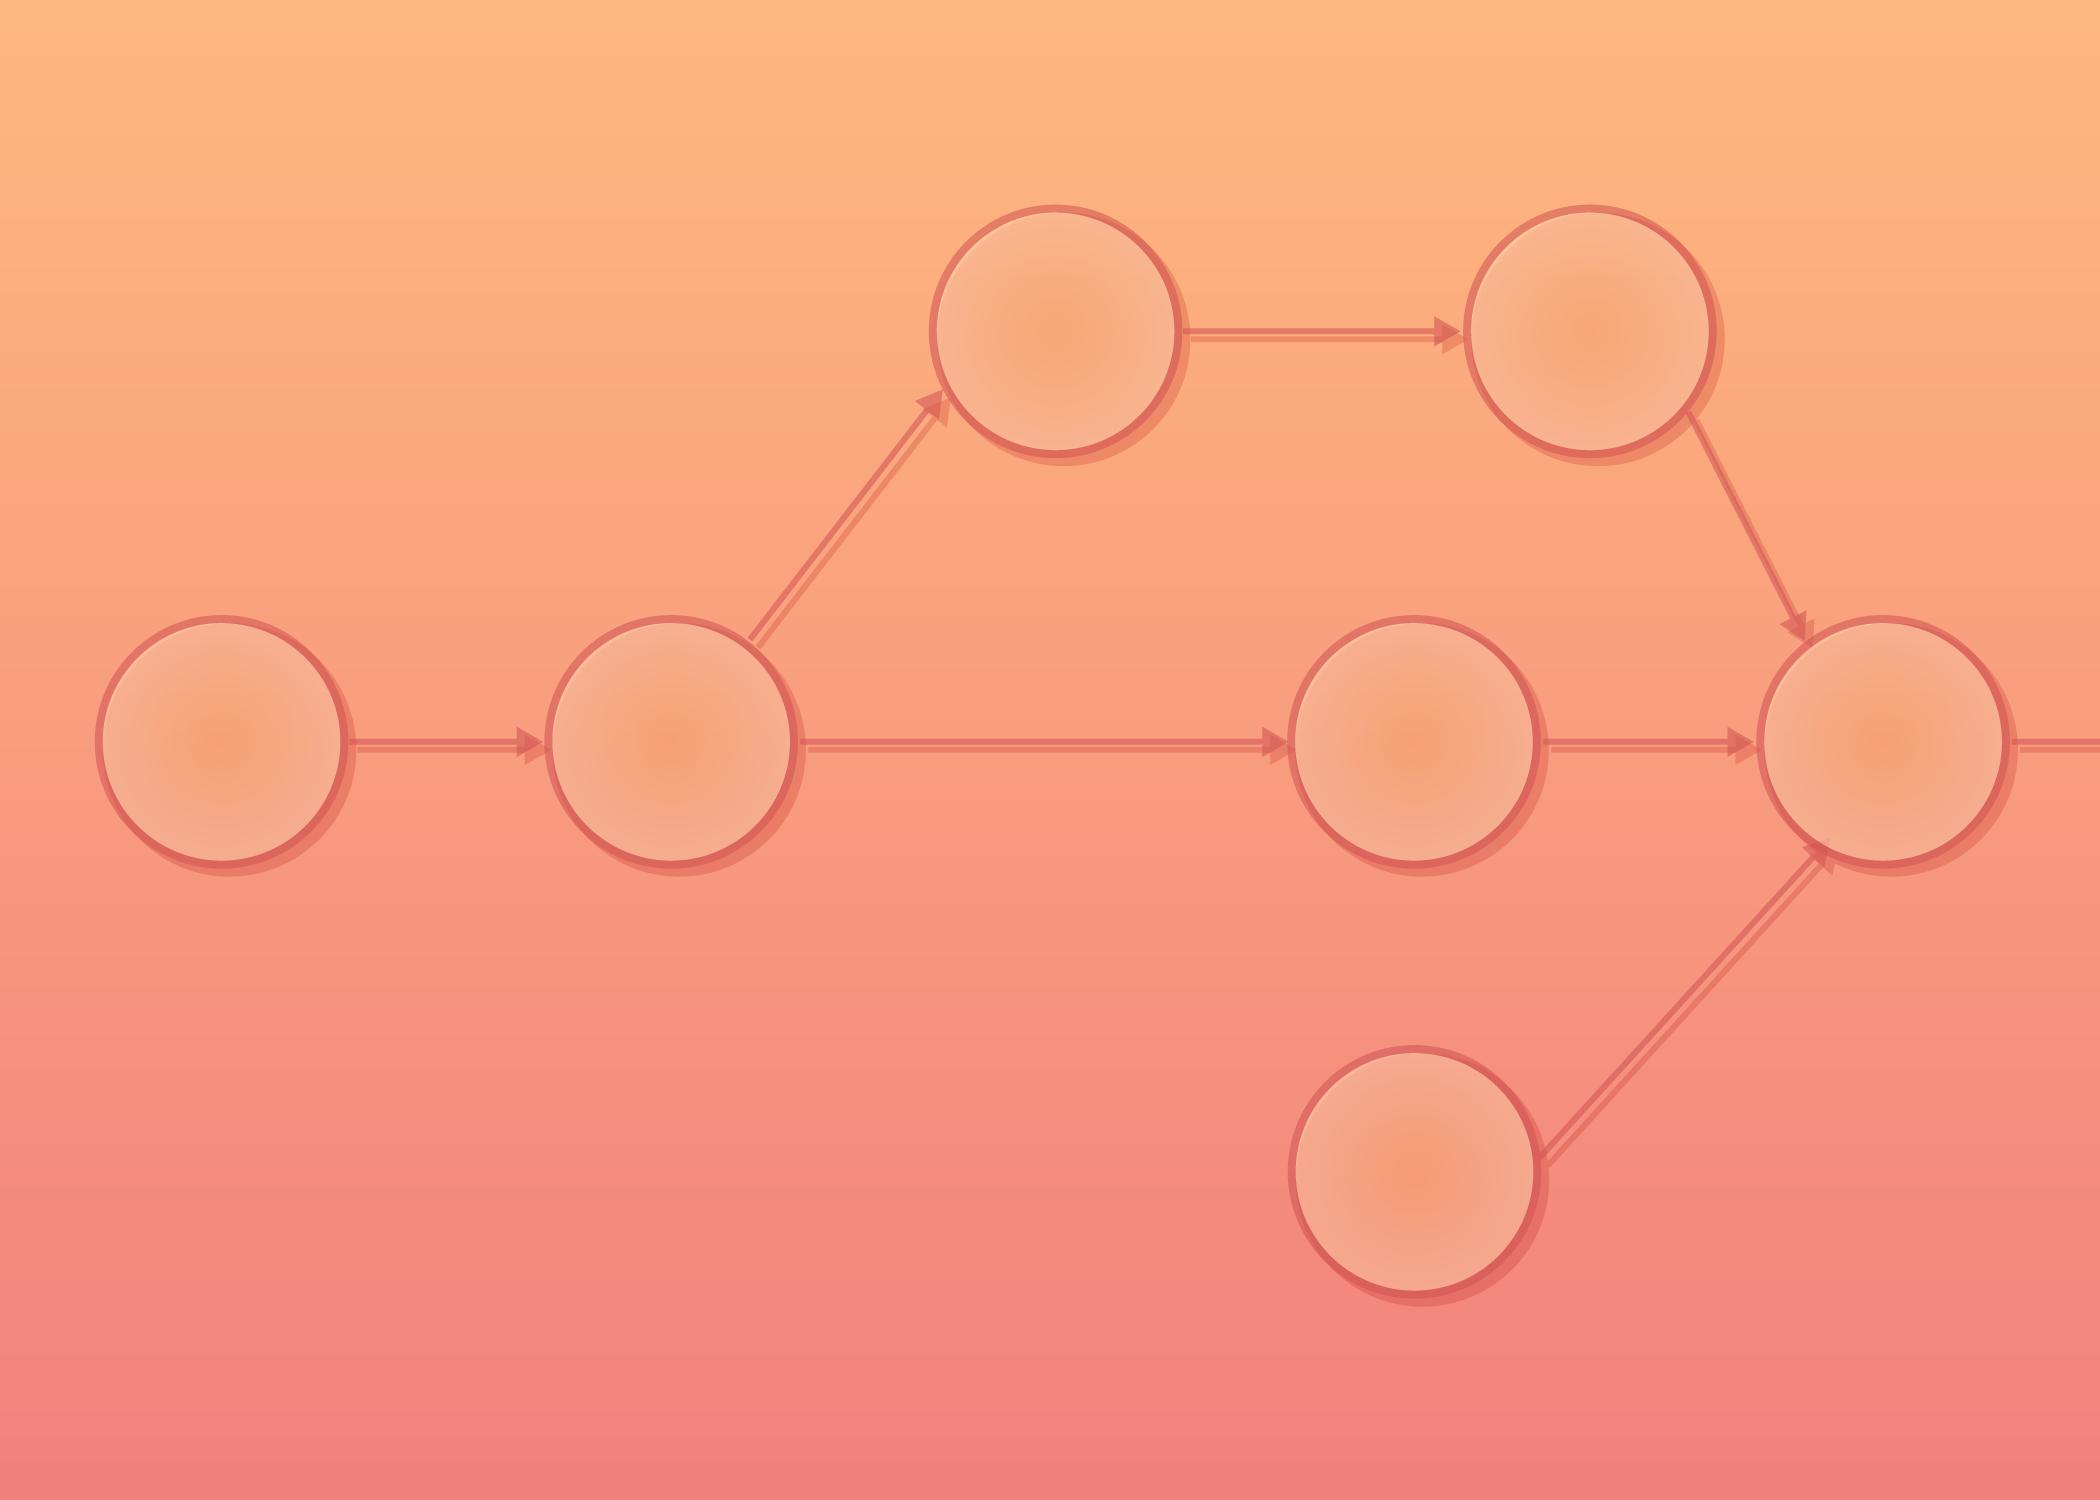 pert-diagramgenerator